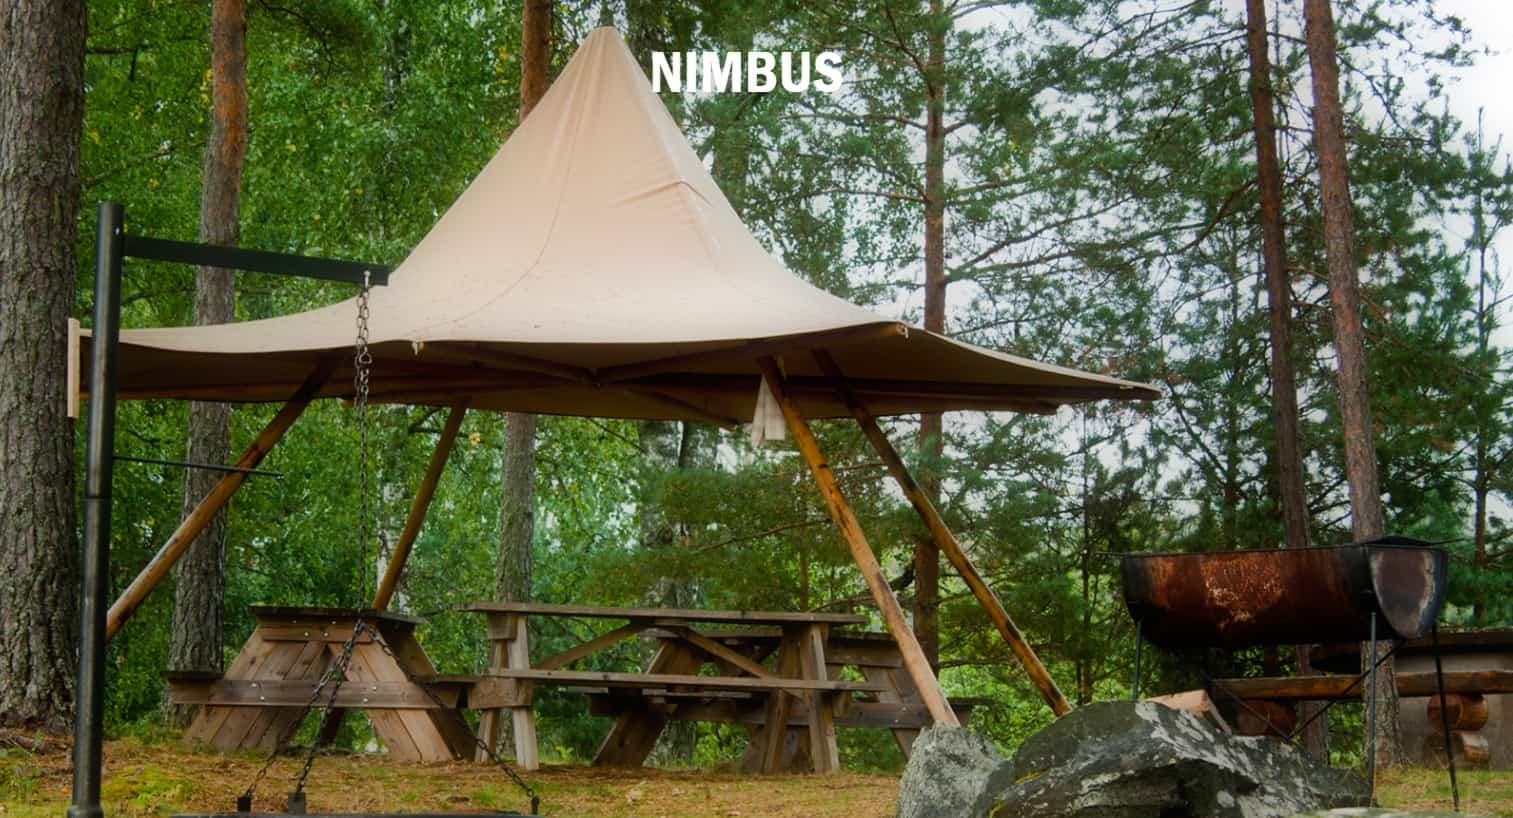 Zweedse tent Nimbus bij Tent4Rent